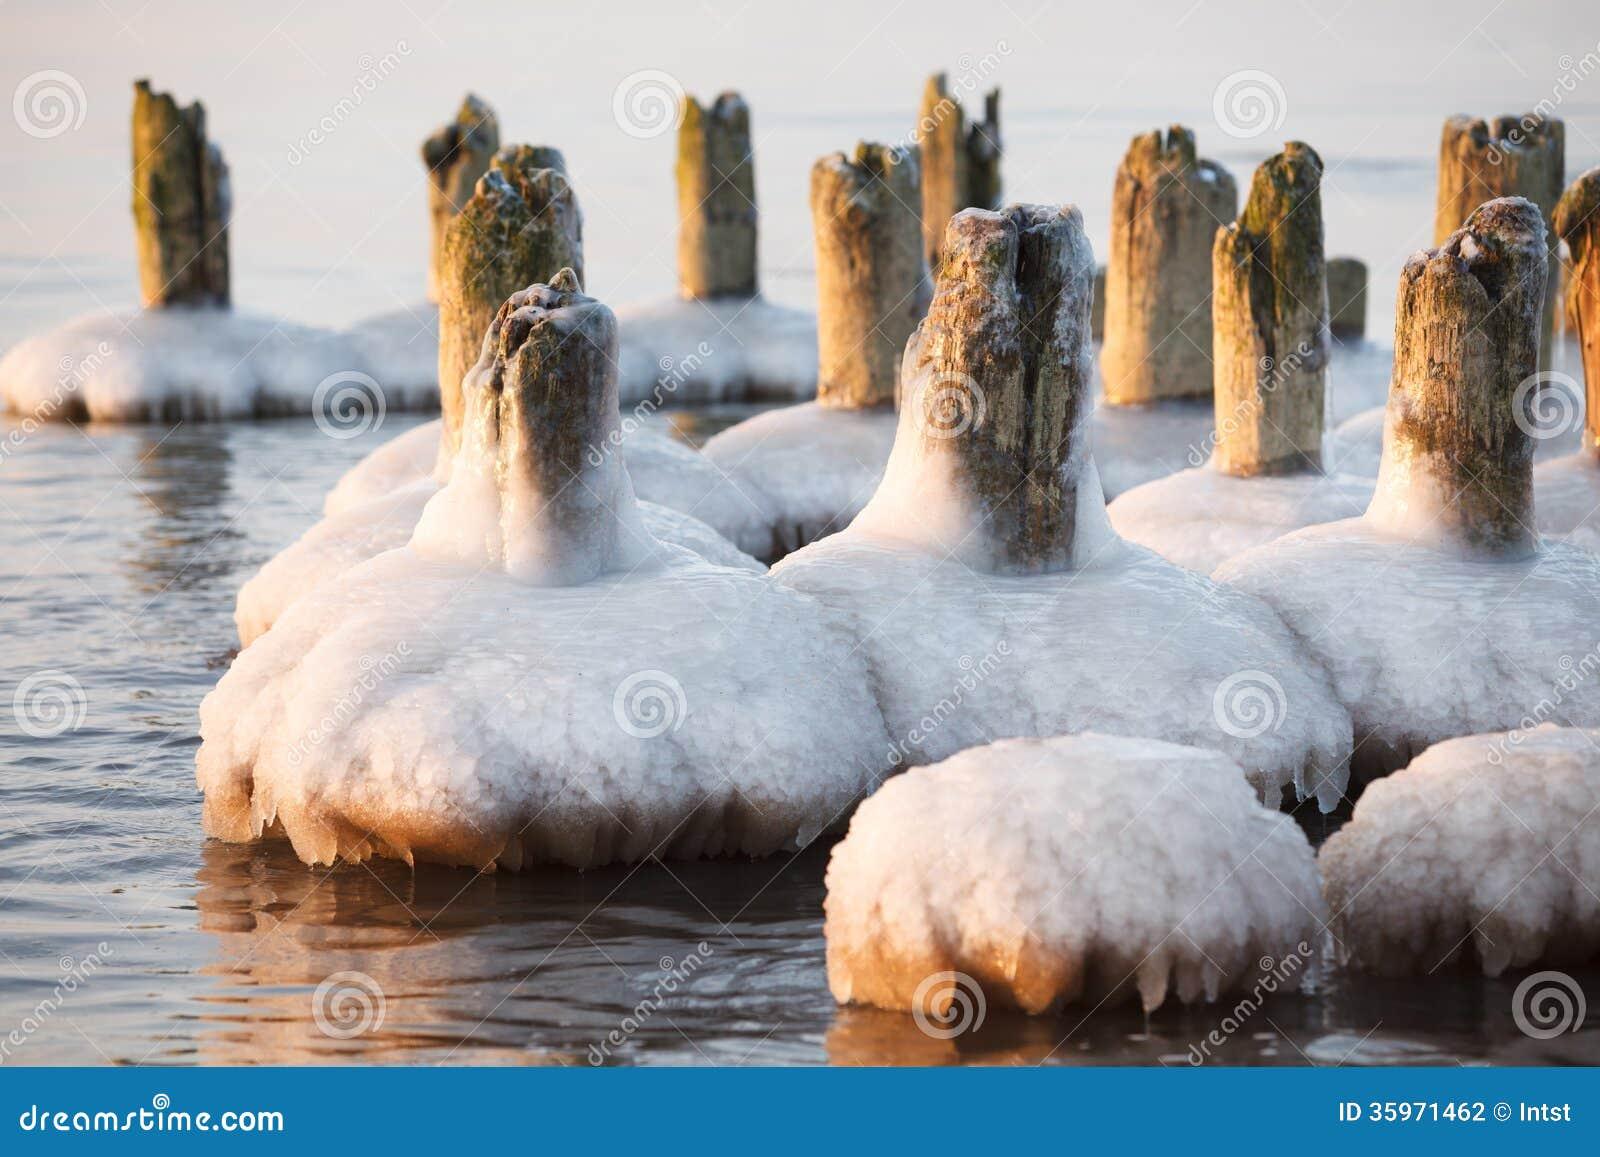 Pilas viejas congeladas del embarcadero